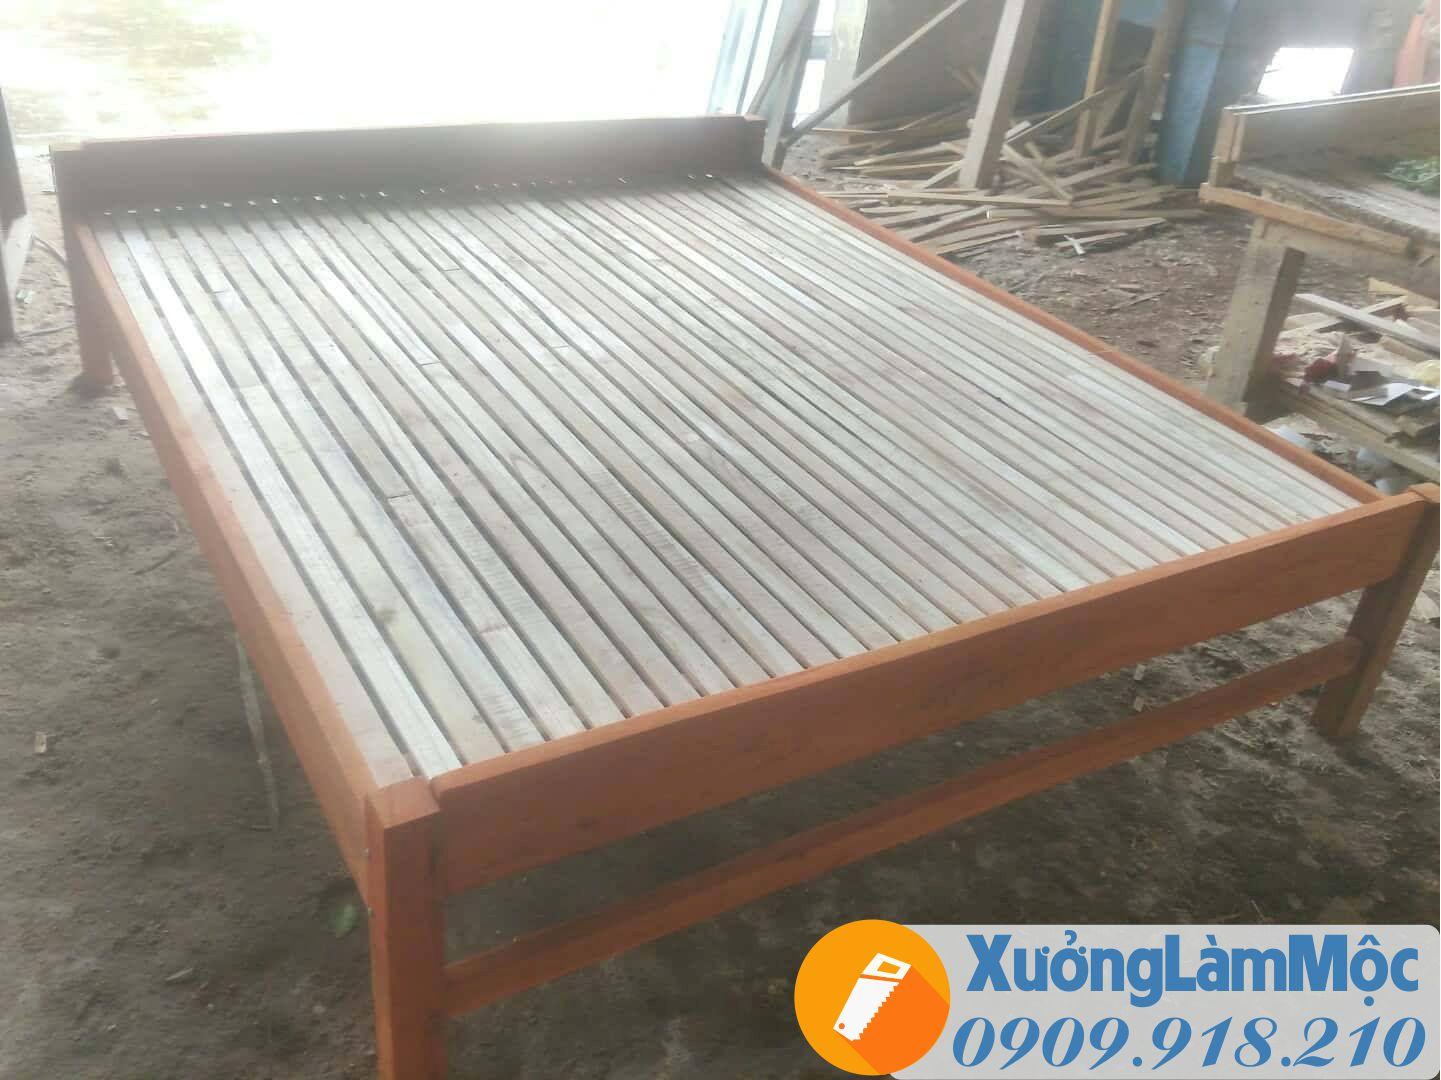 Xưởng mộc đóng giường gỗ cho công nhân giá rẻ tại Đà Nẵng